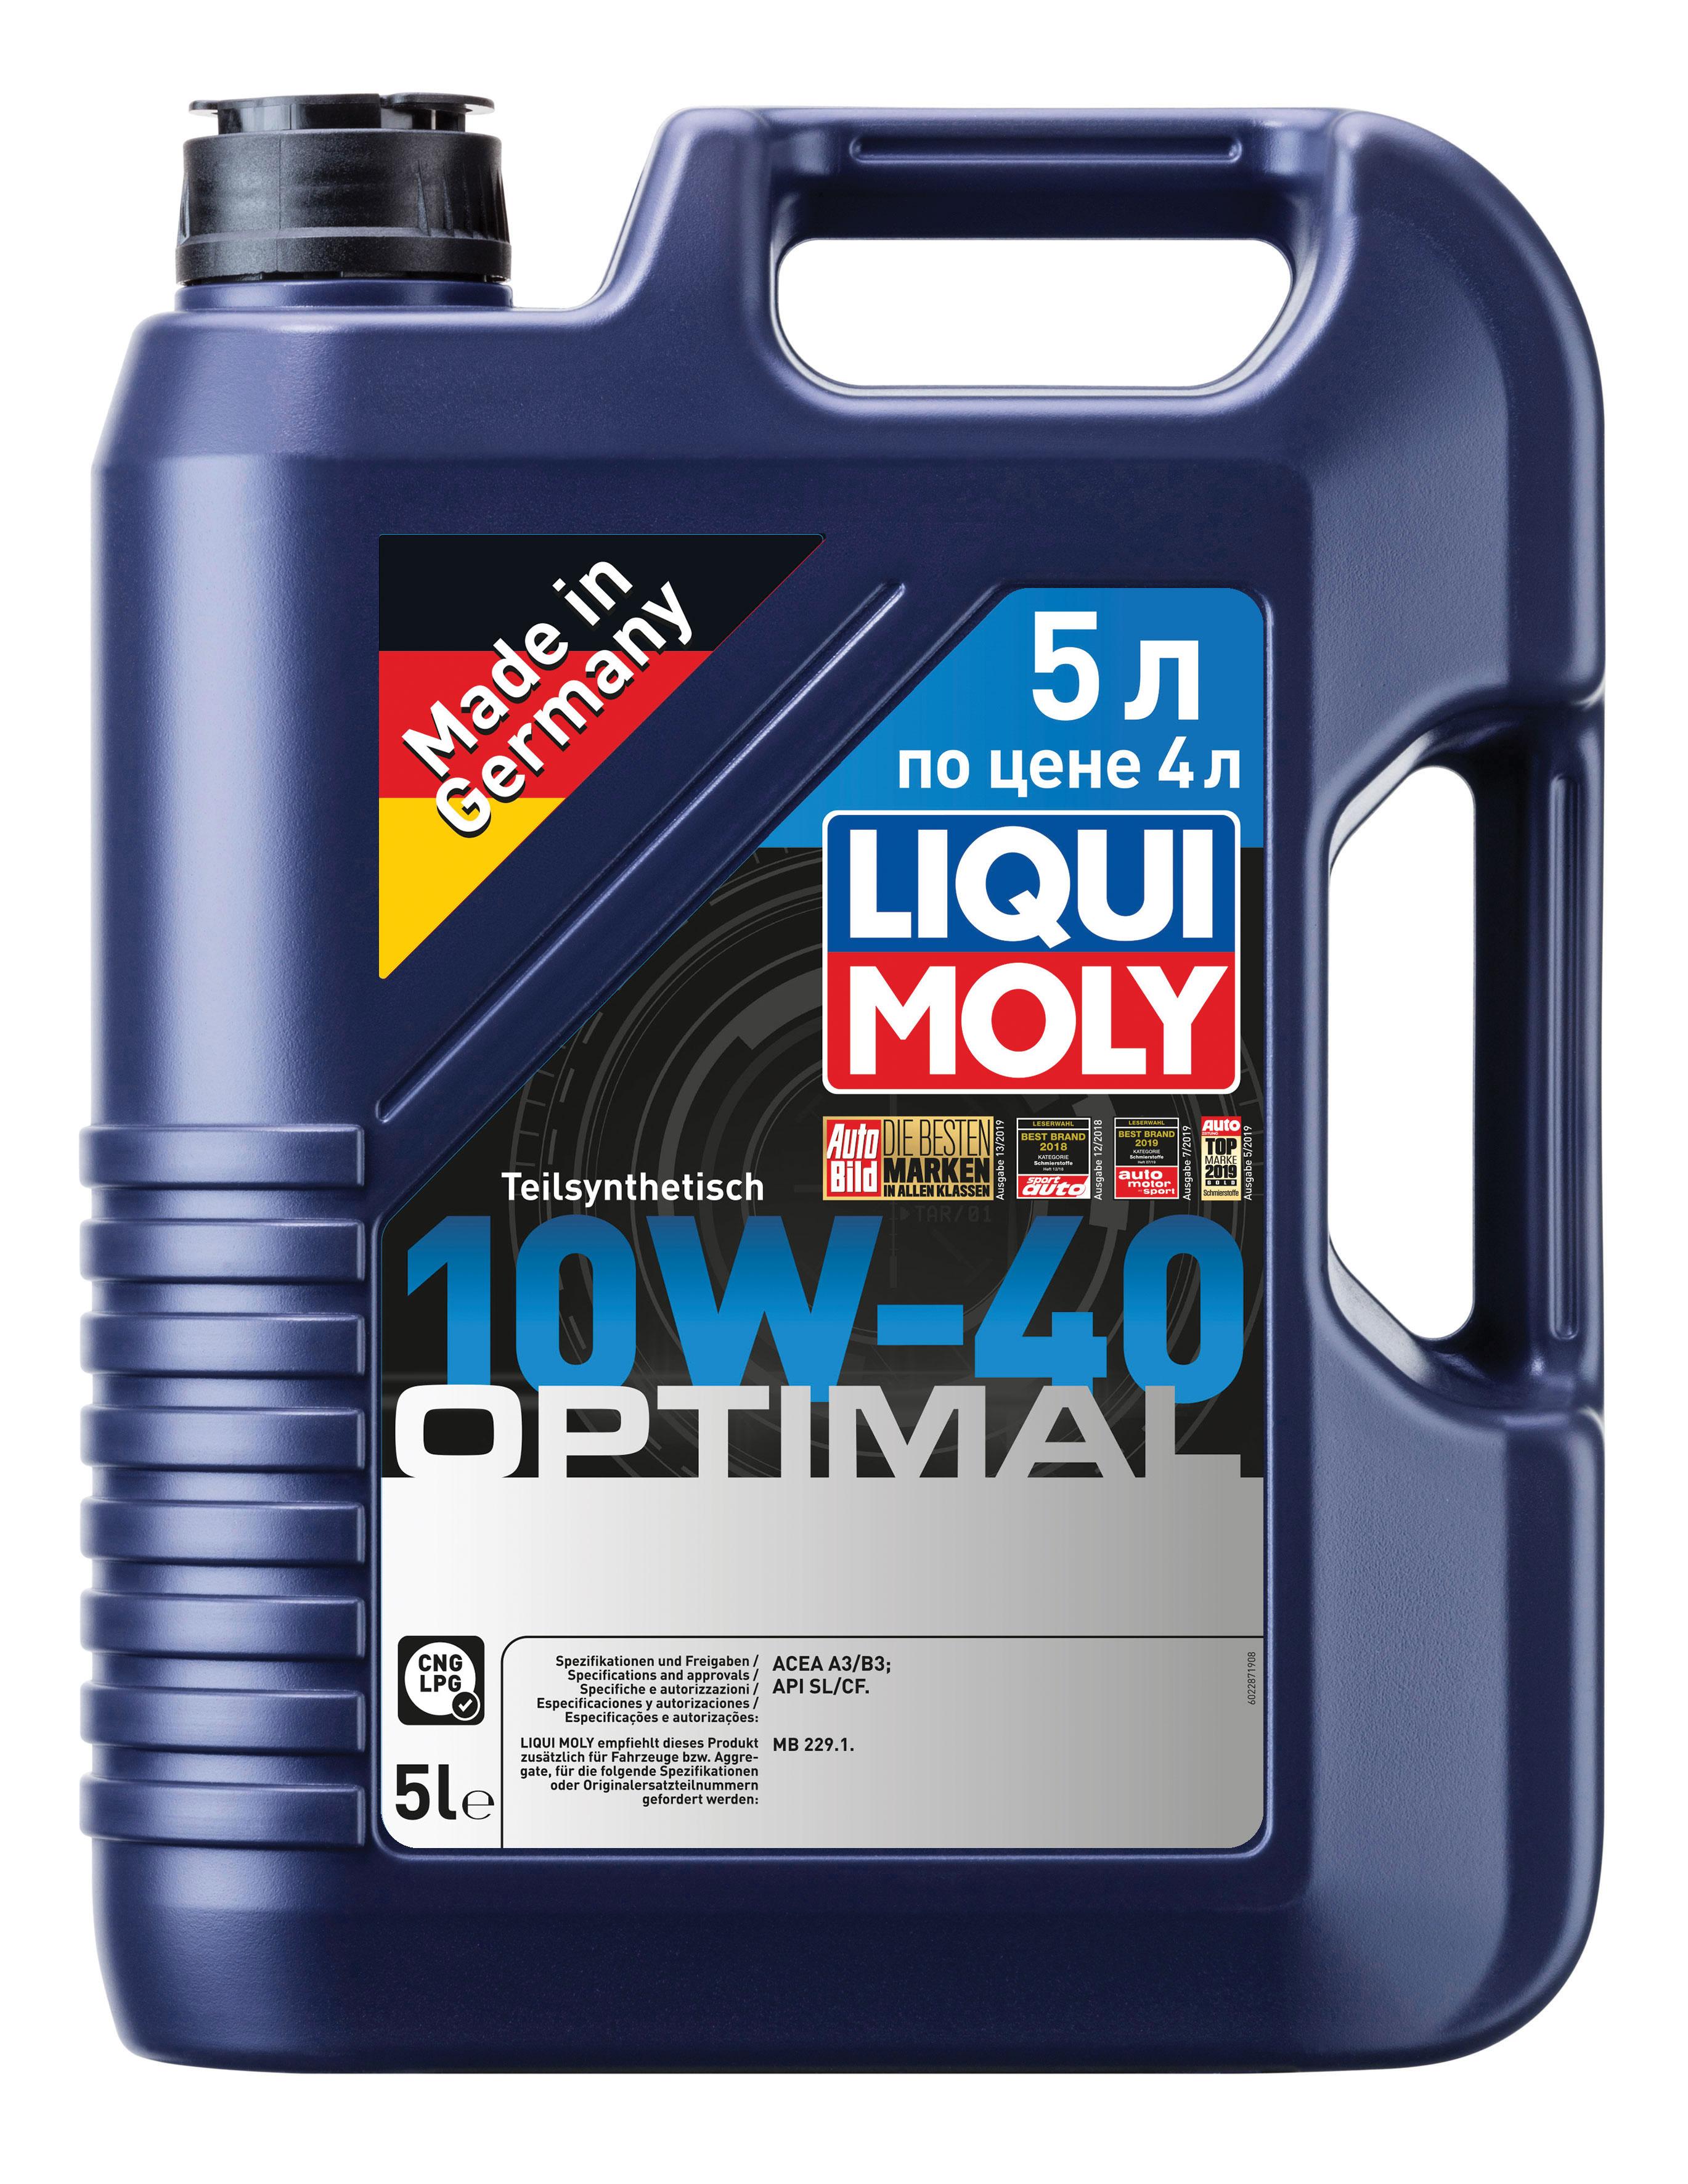 Масло моторное полусинтетическое 'Optimal 10W-40', 5л